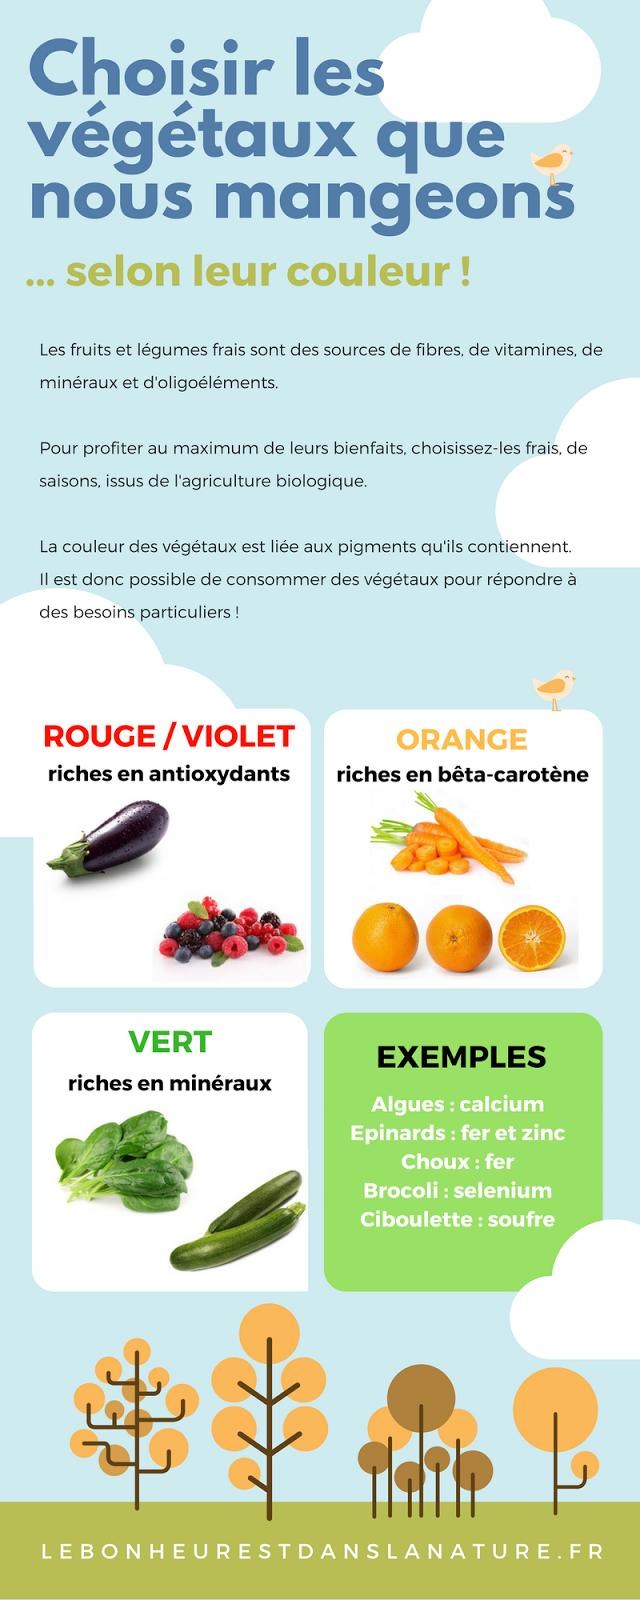 Vegetaux selon couleur fruit légumes minéraux vitamines